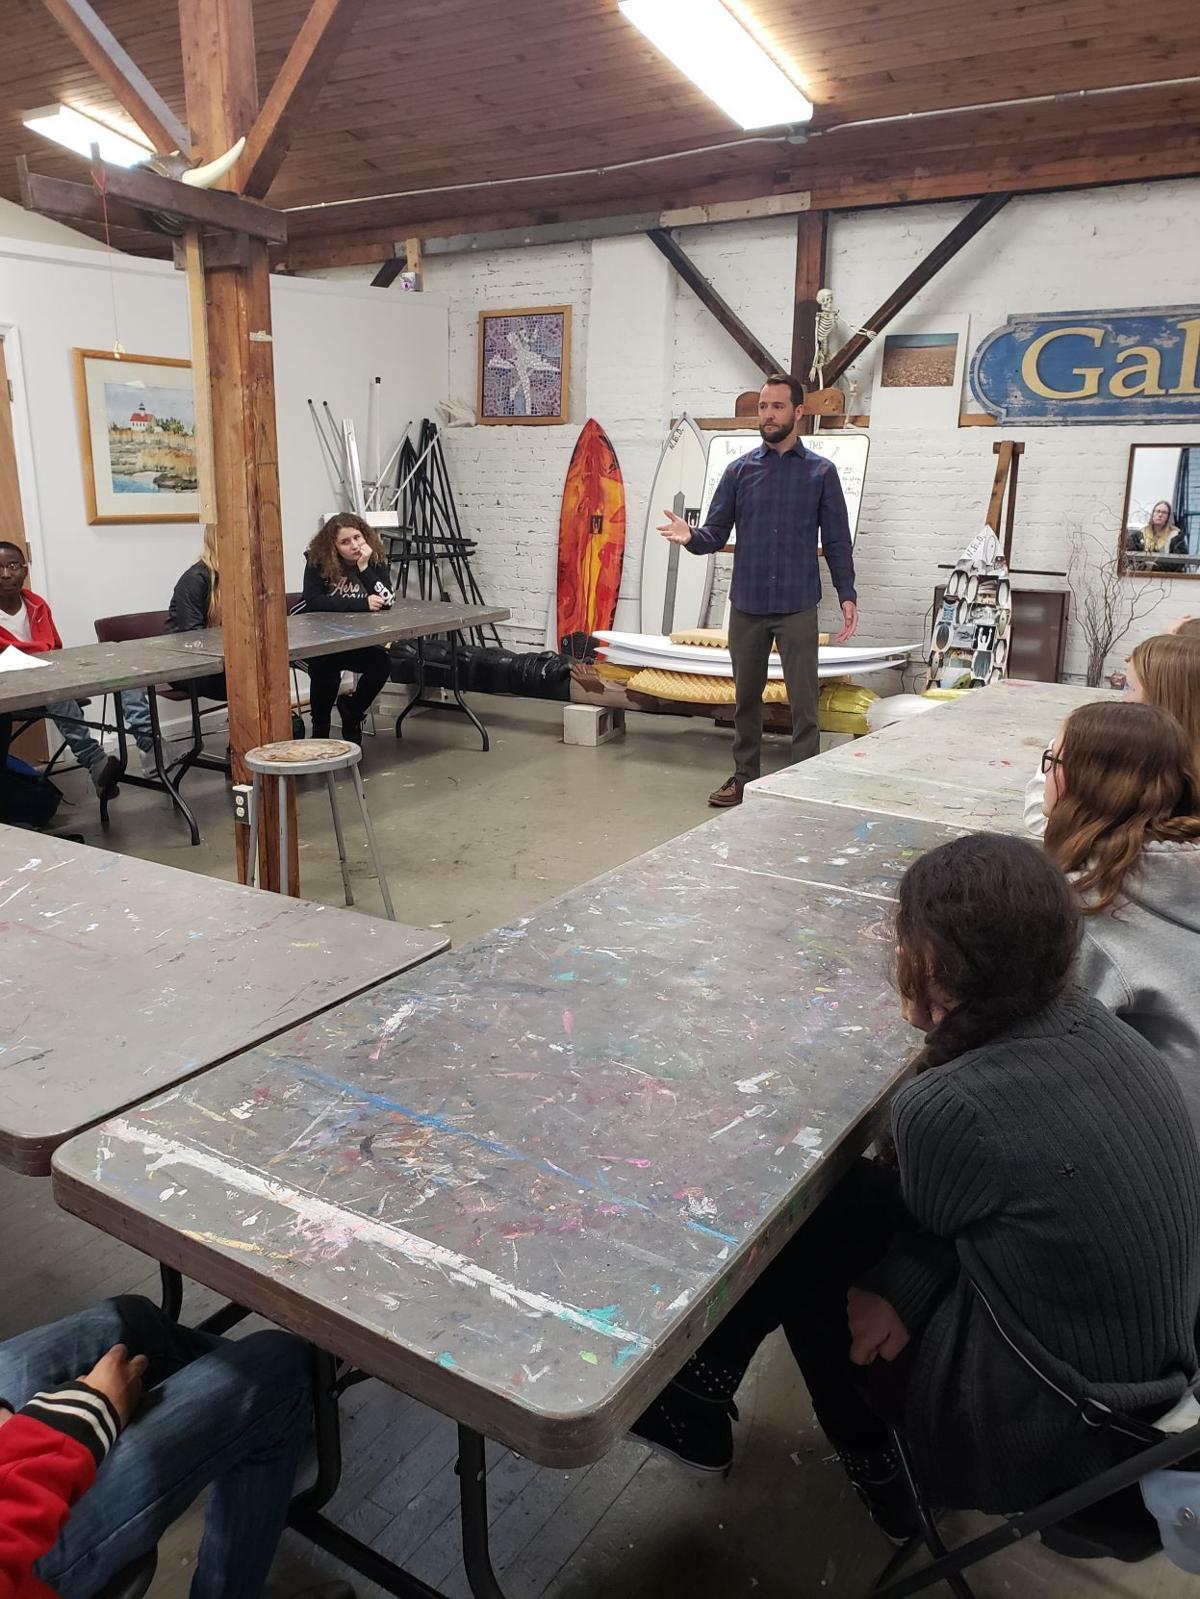 041819_cap_teenarts surfing workshop